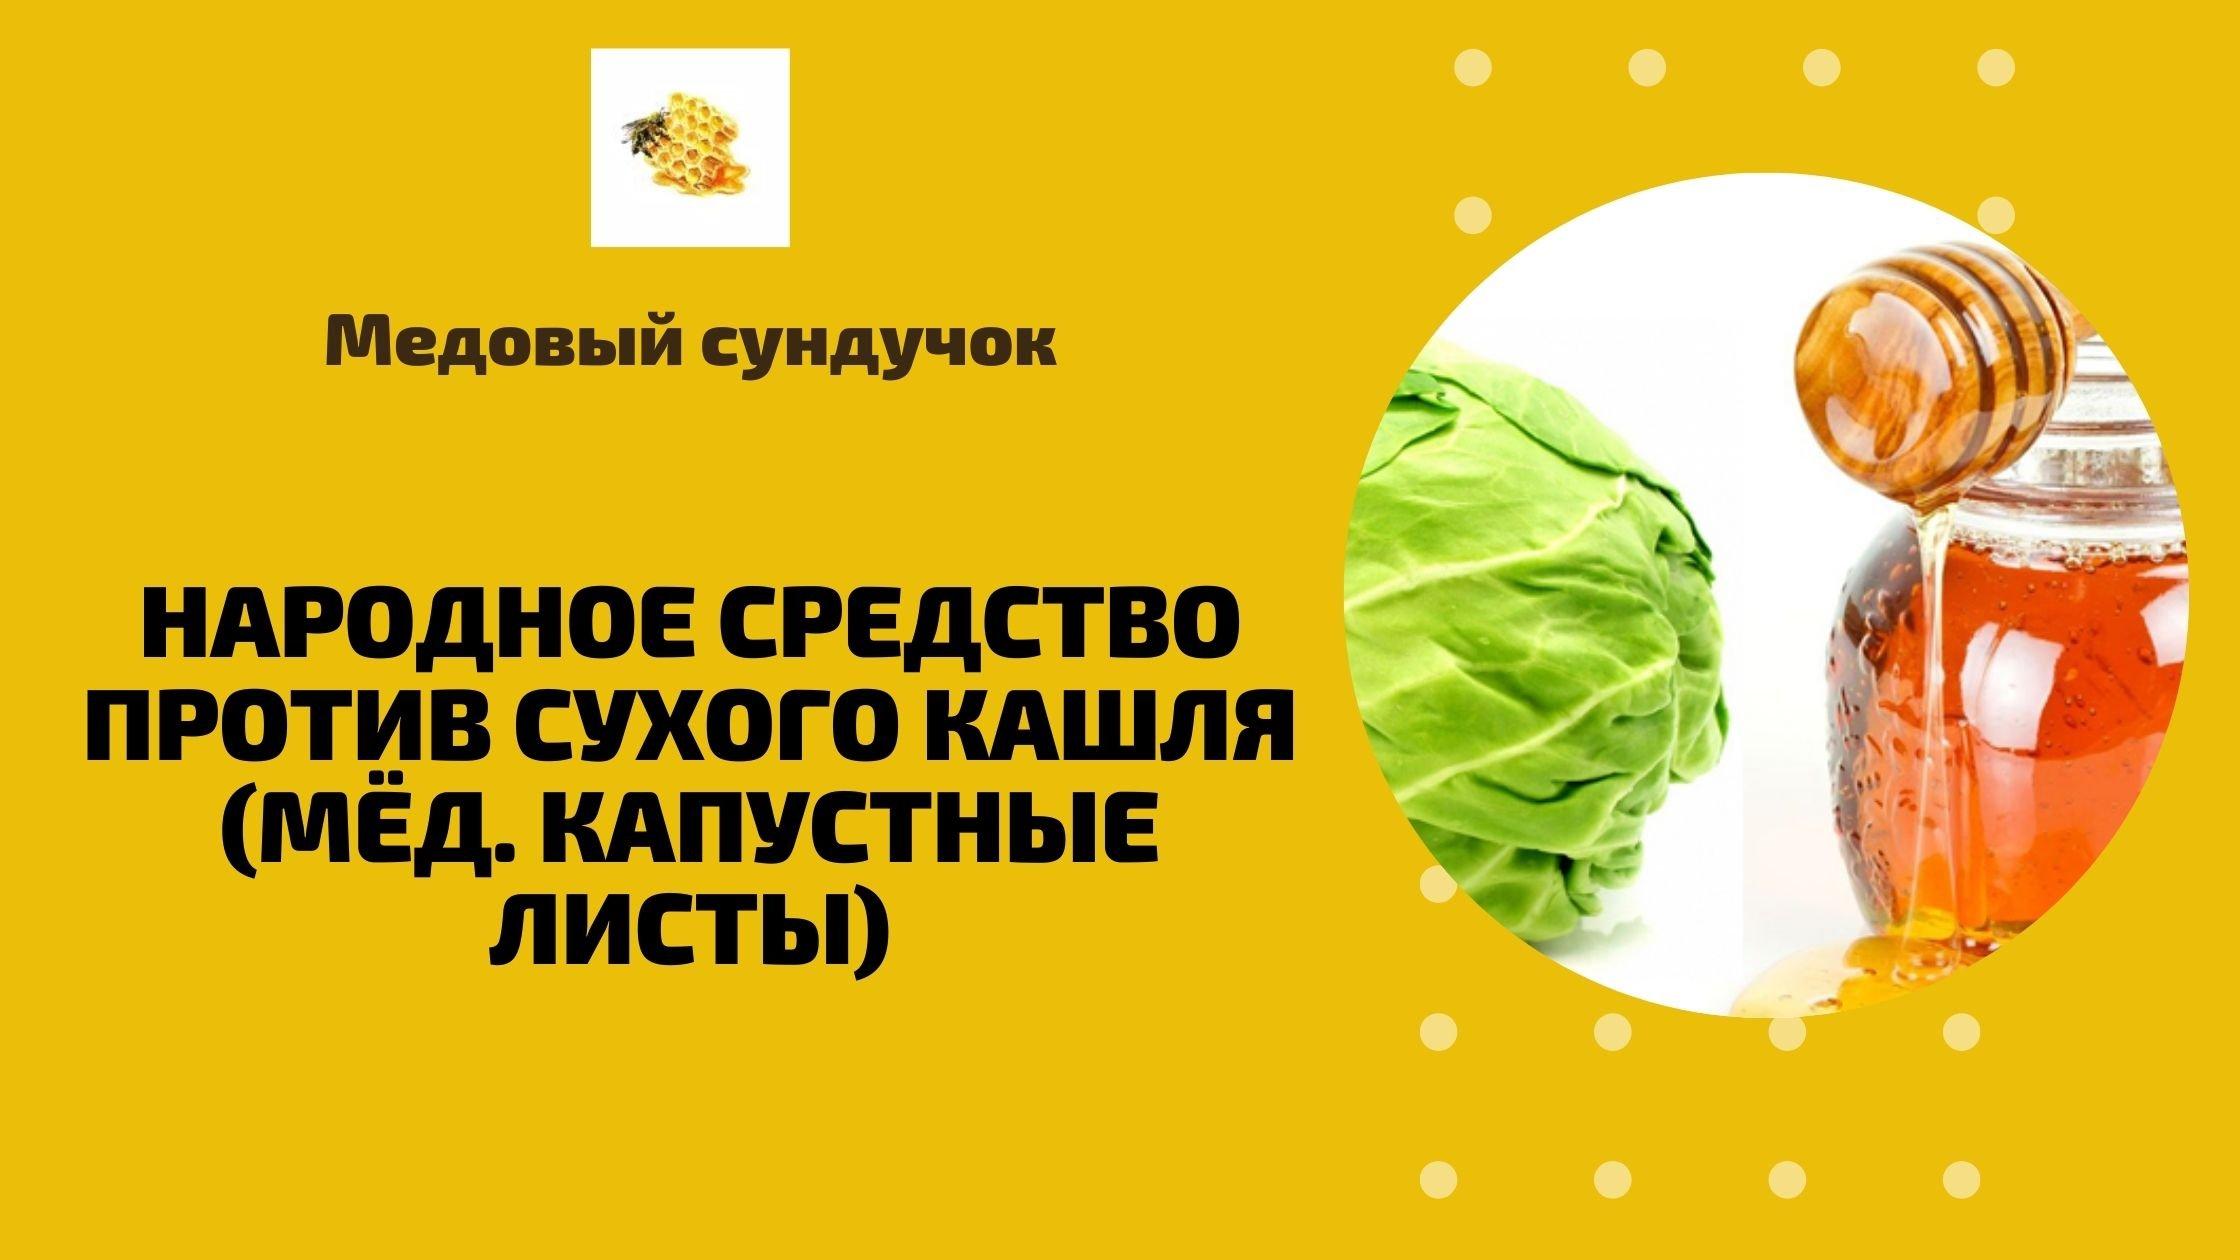 Народное средство против сухого кашля (Мёд. Капустные листы)